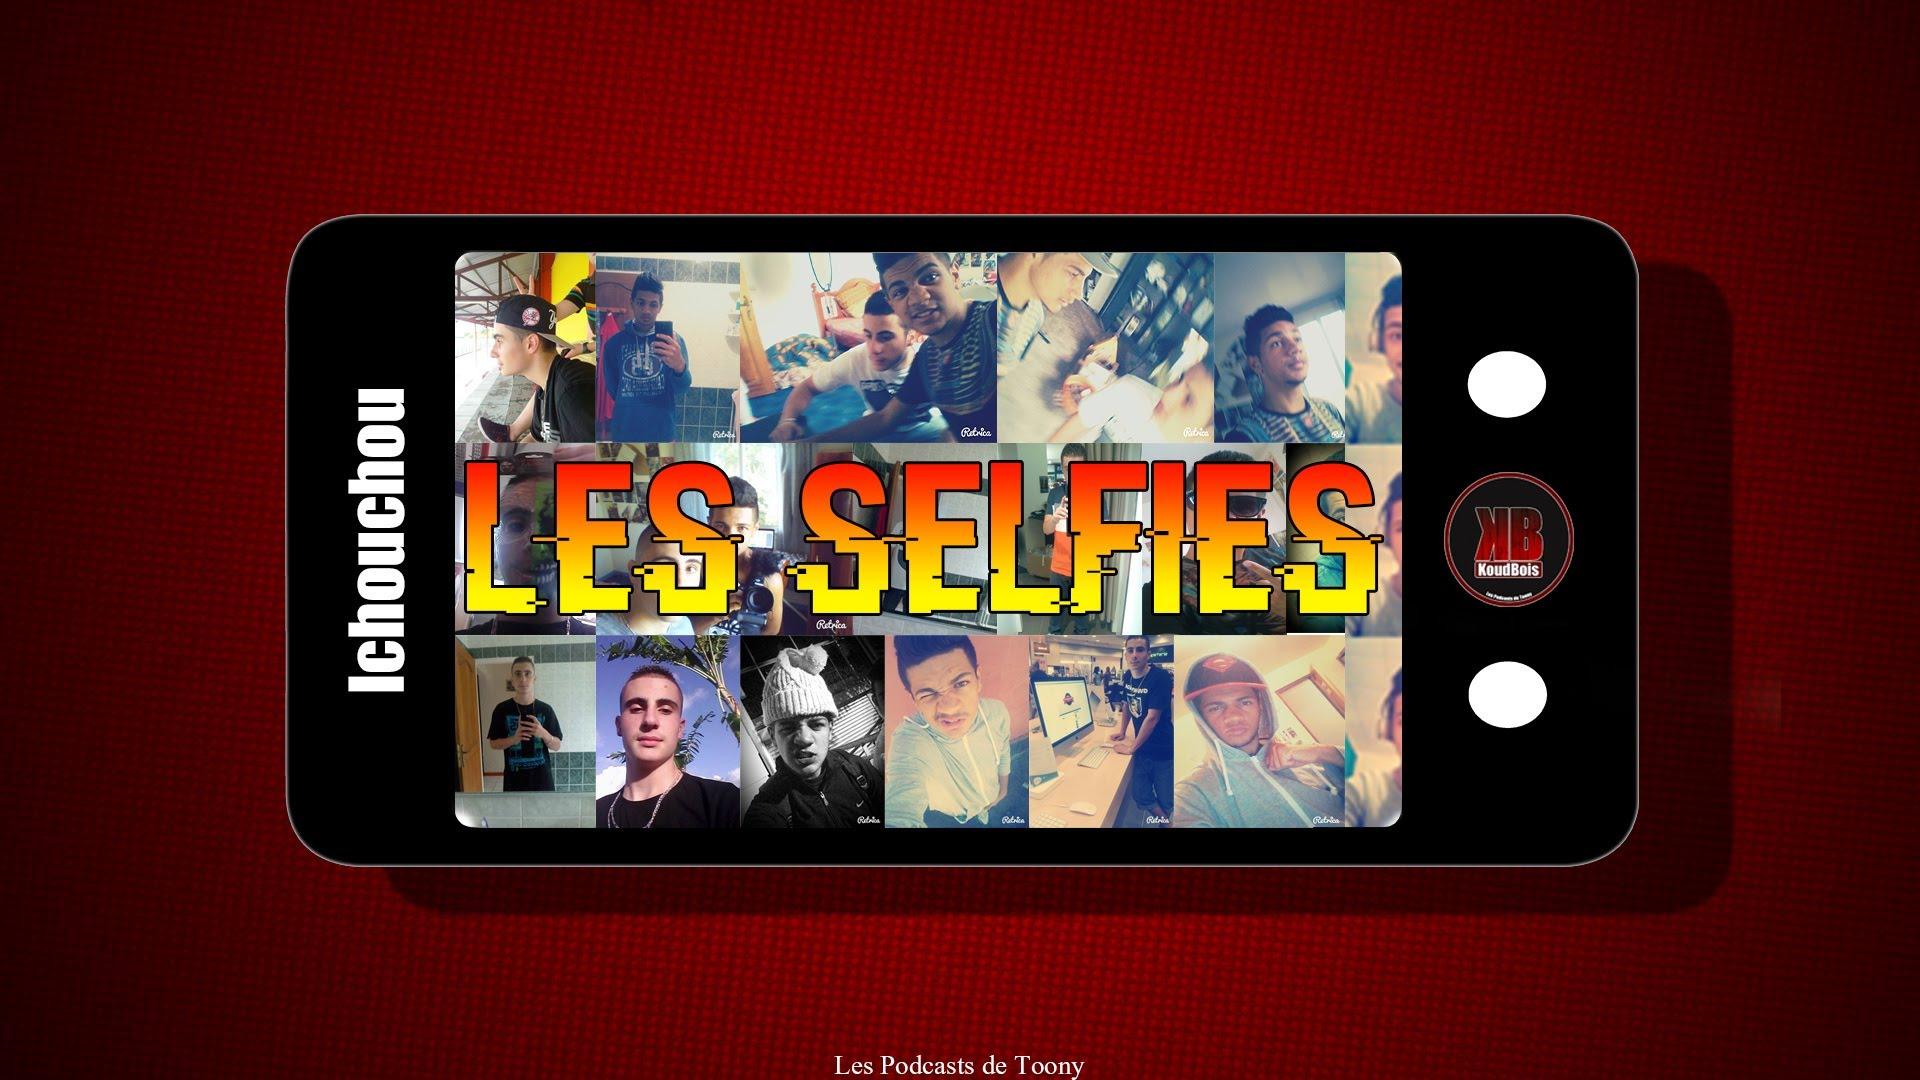 selfies 974 reunion